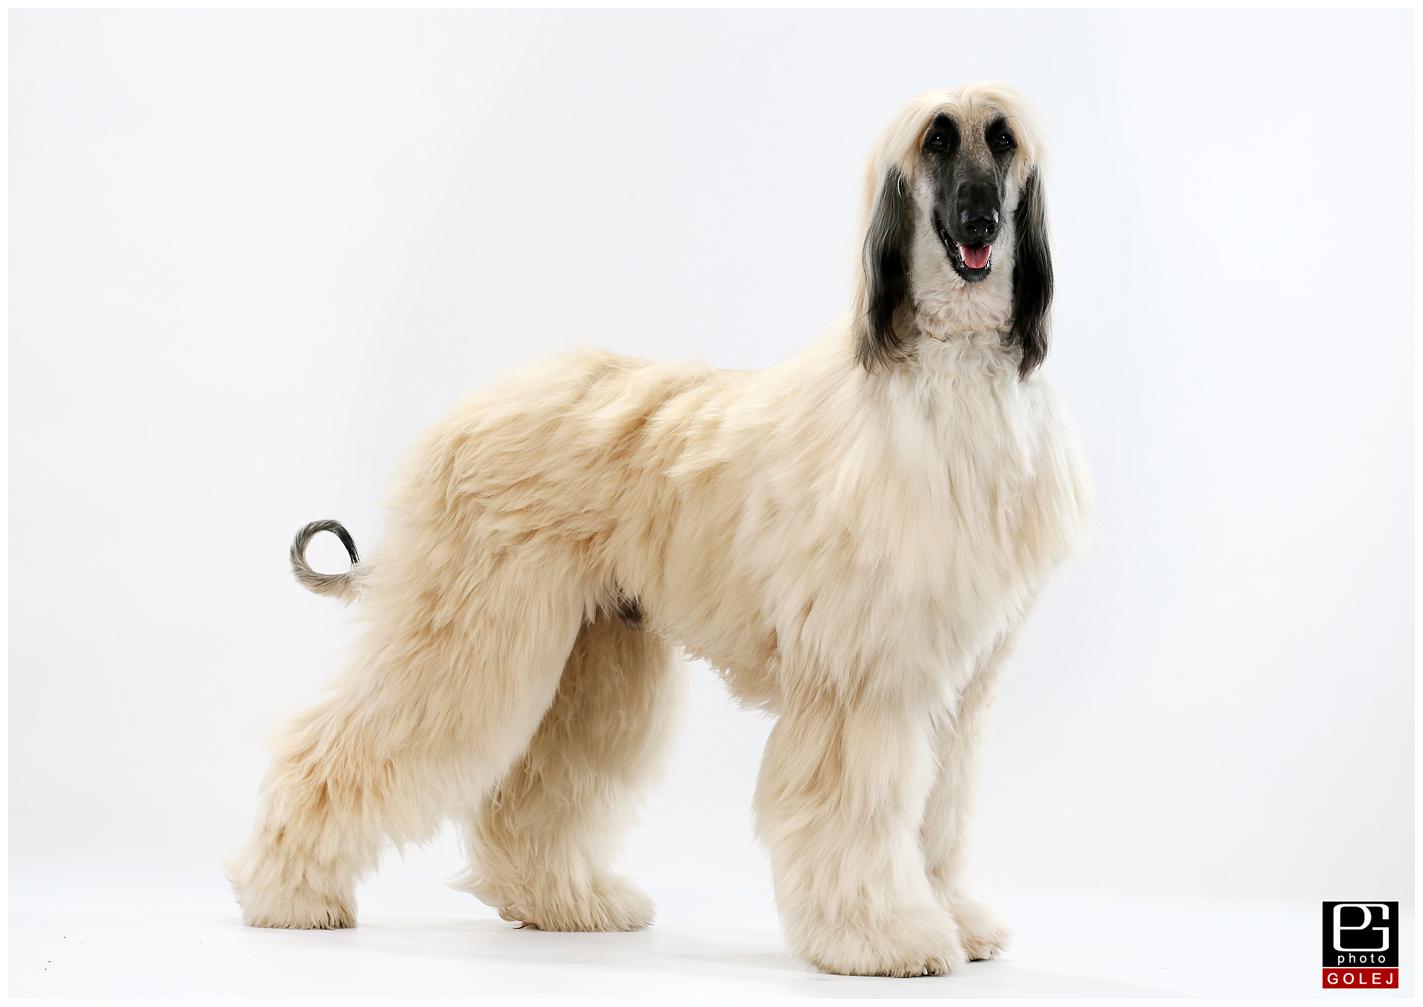 Fotky psov do kalendara